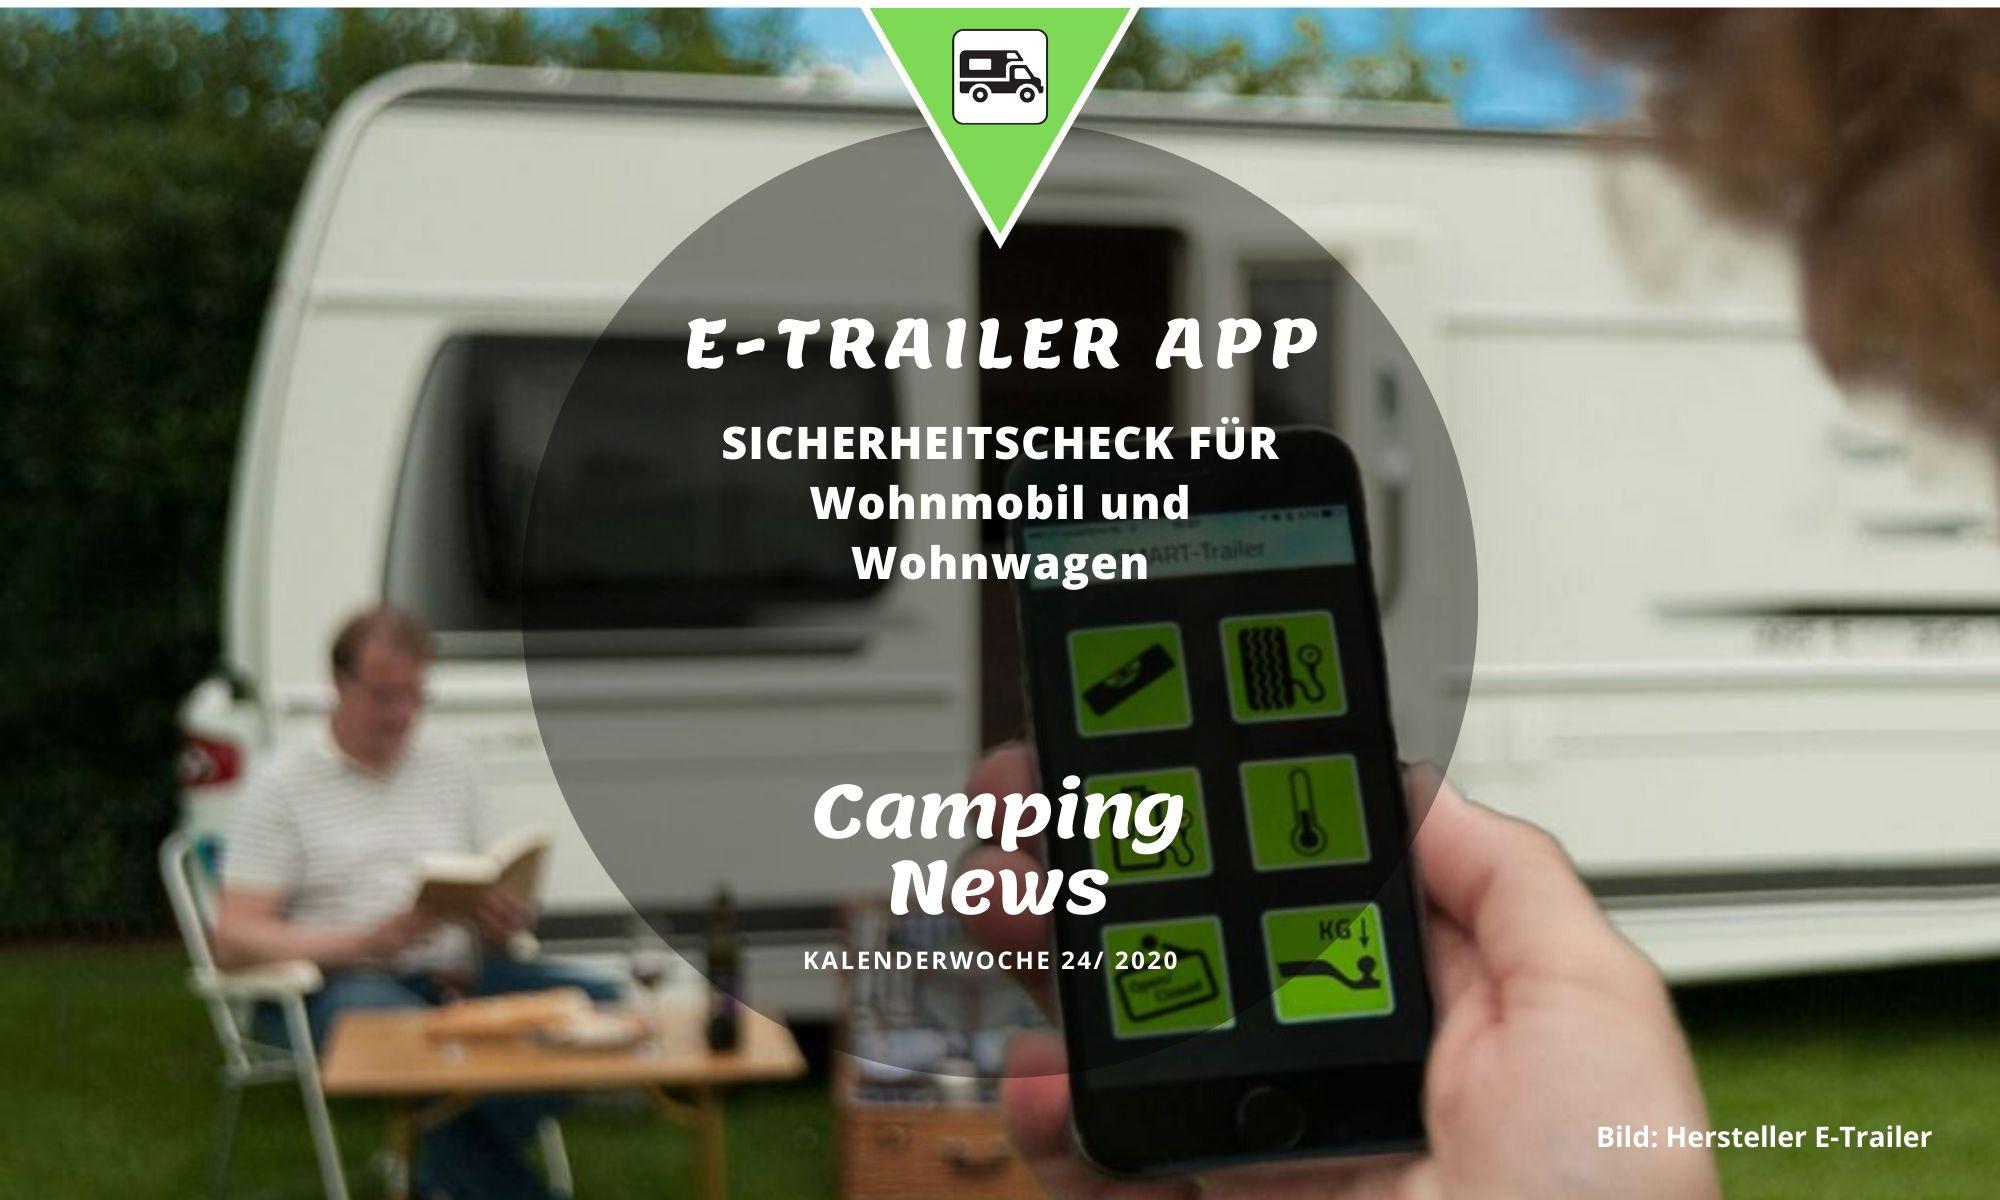 E-Trailer App für Wohnmobil und Wohnwagen